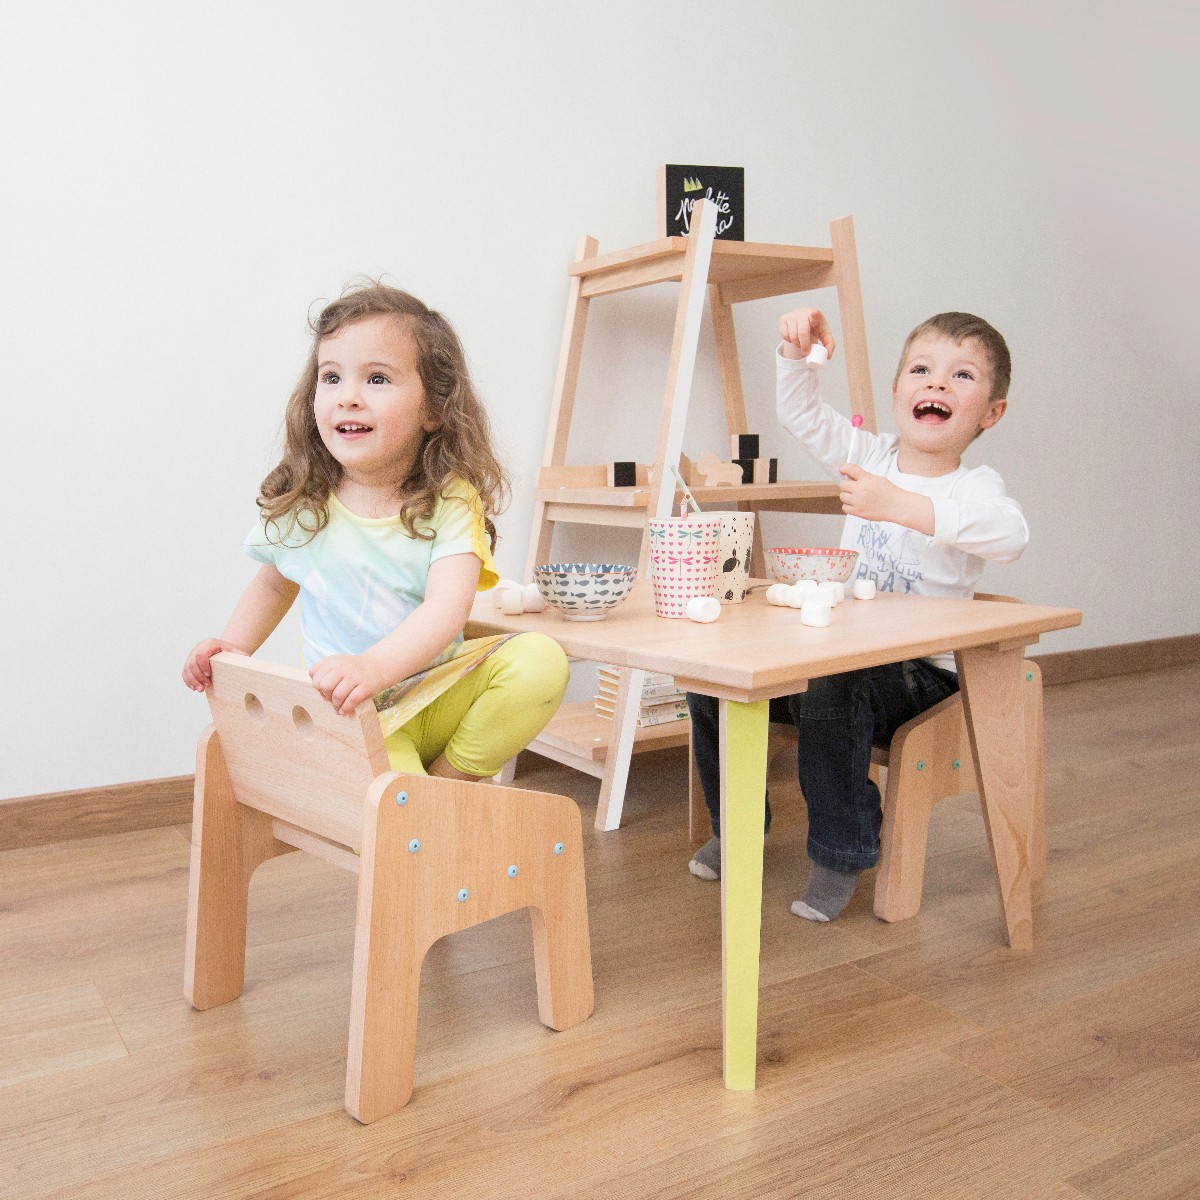 Belle chambre d'enfants mobilier en bois